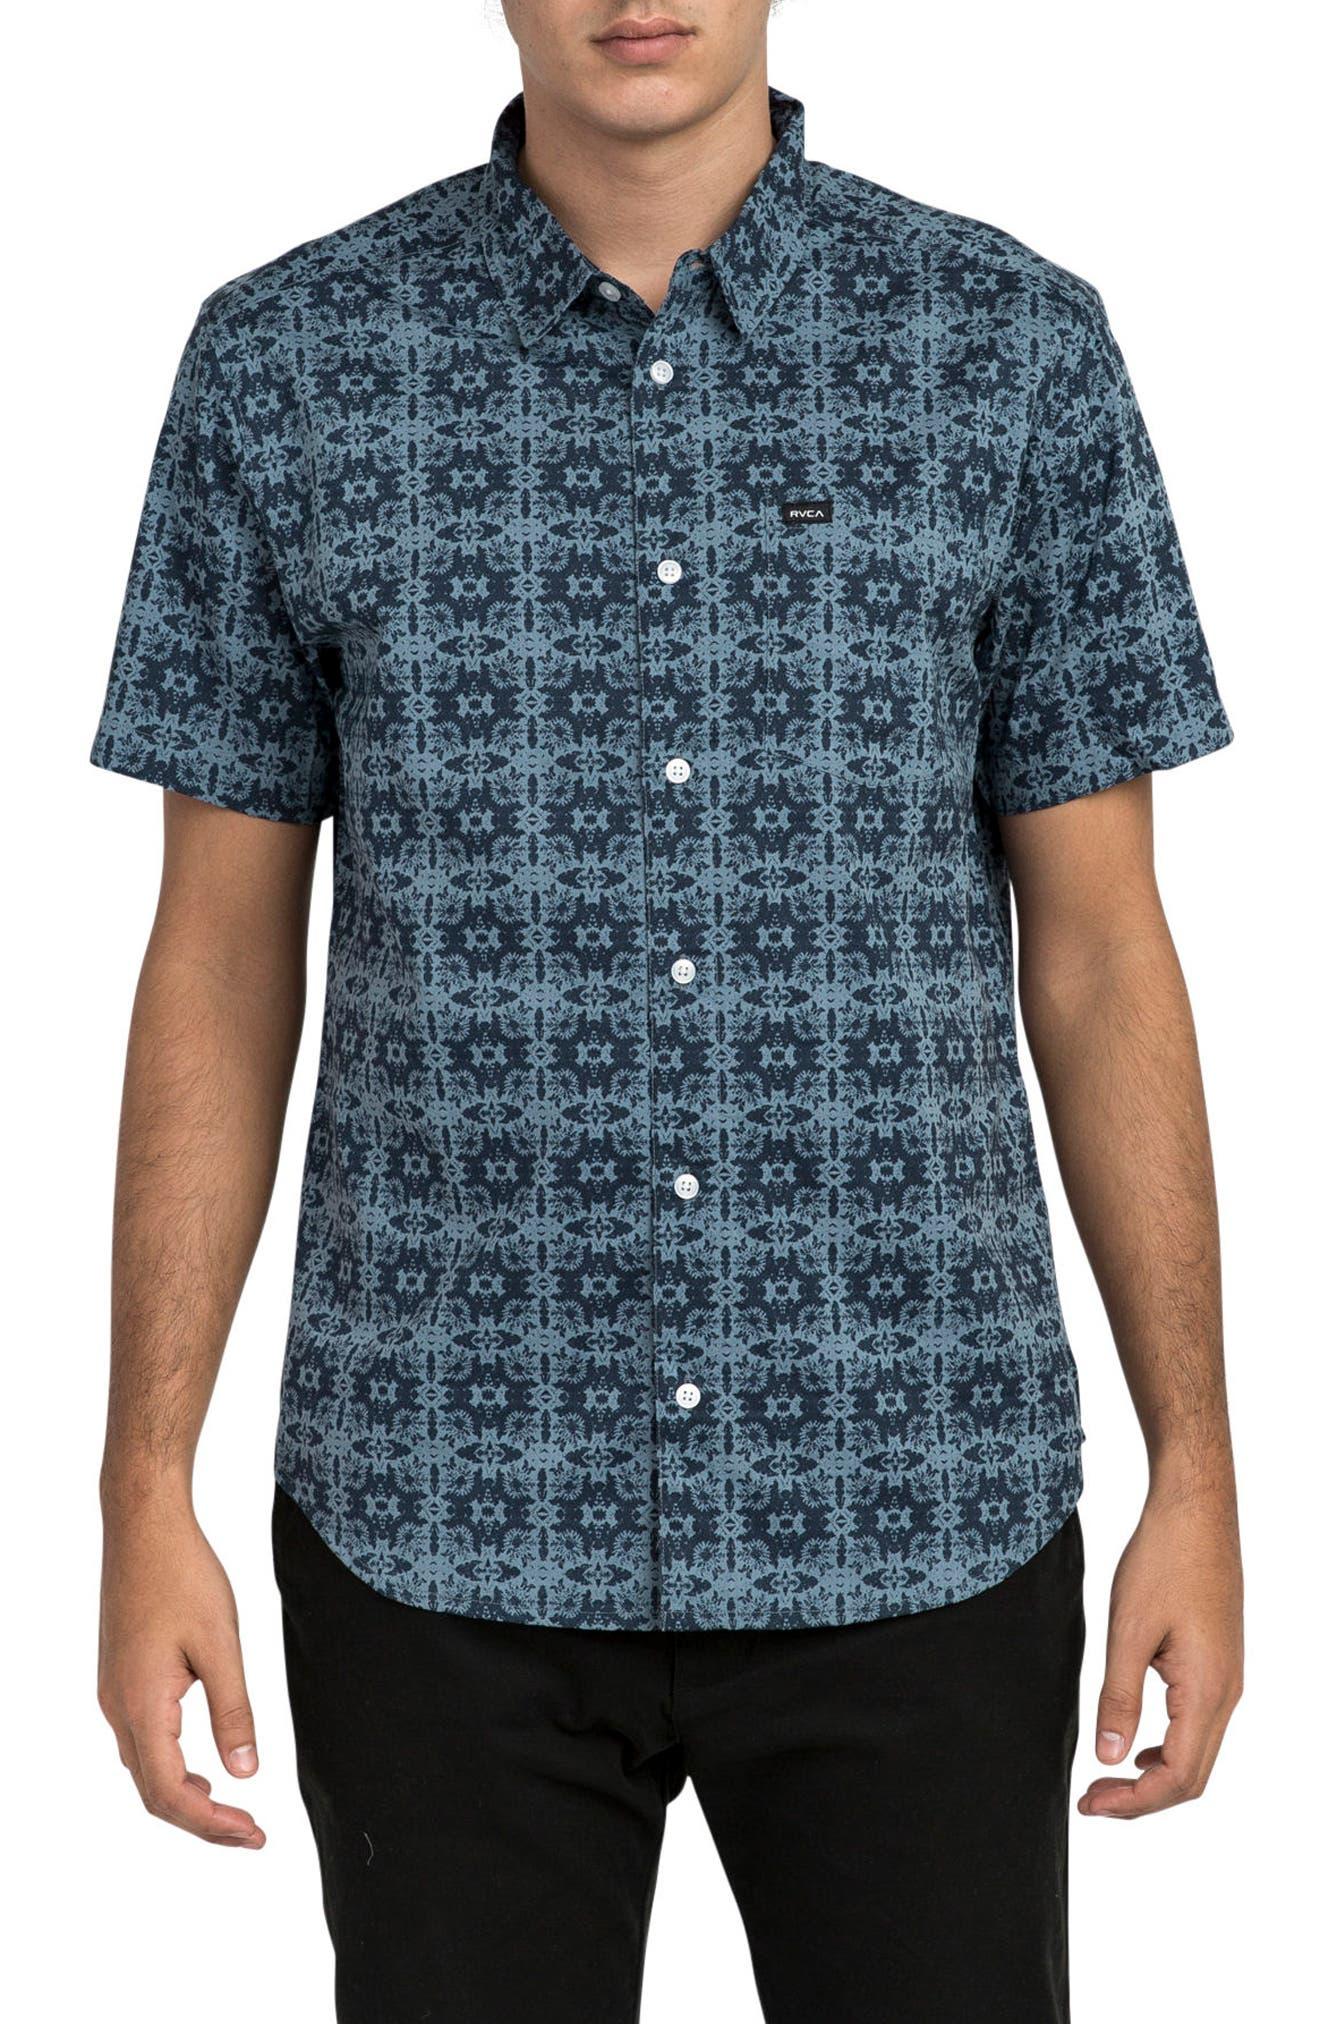 Main Image - RVCA Visions Short Sleeve Shirt